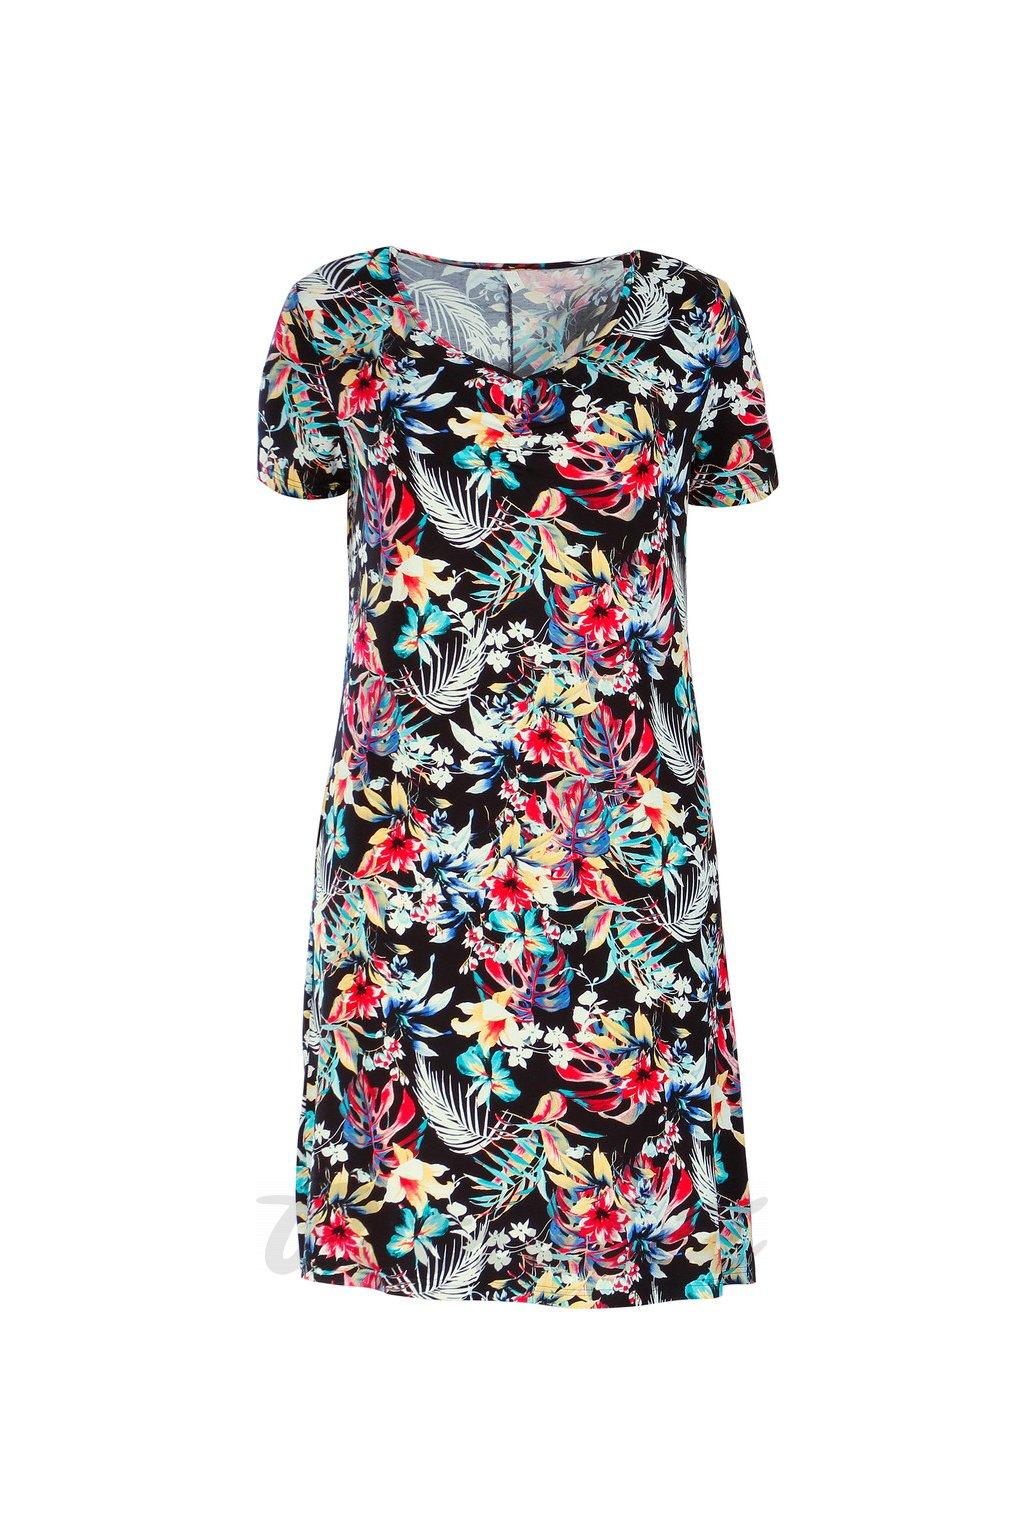 Domča - letní šaty černý tisk